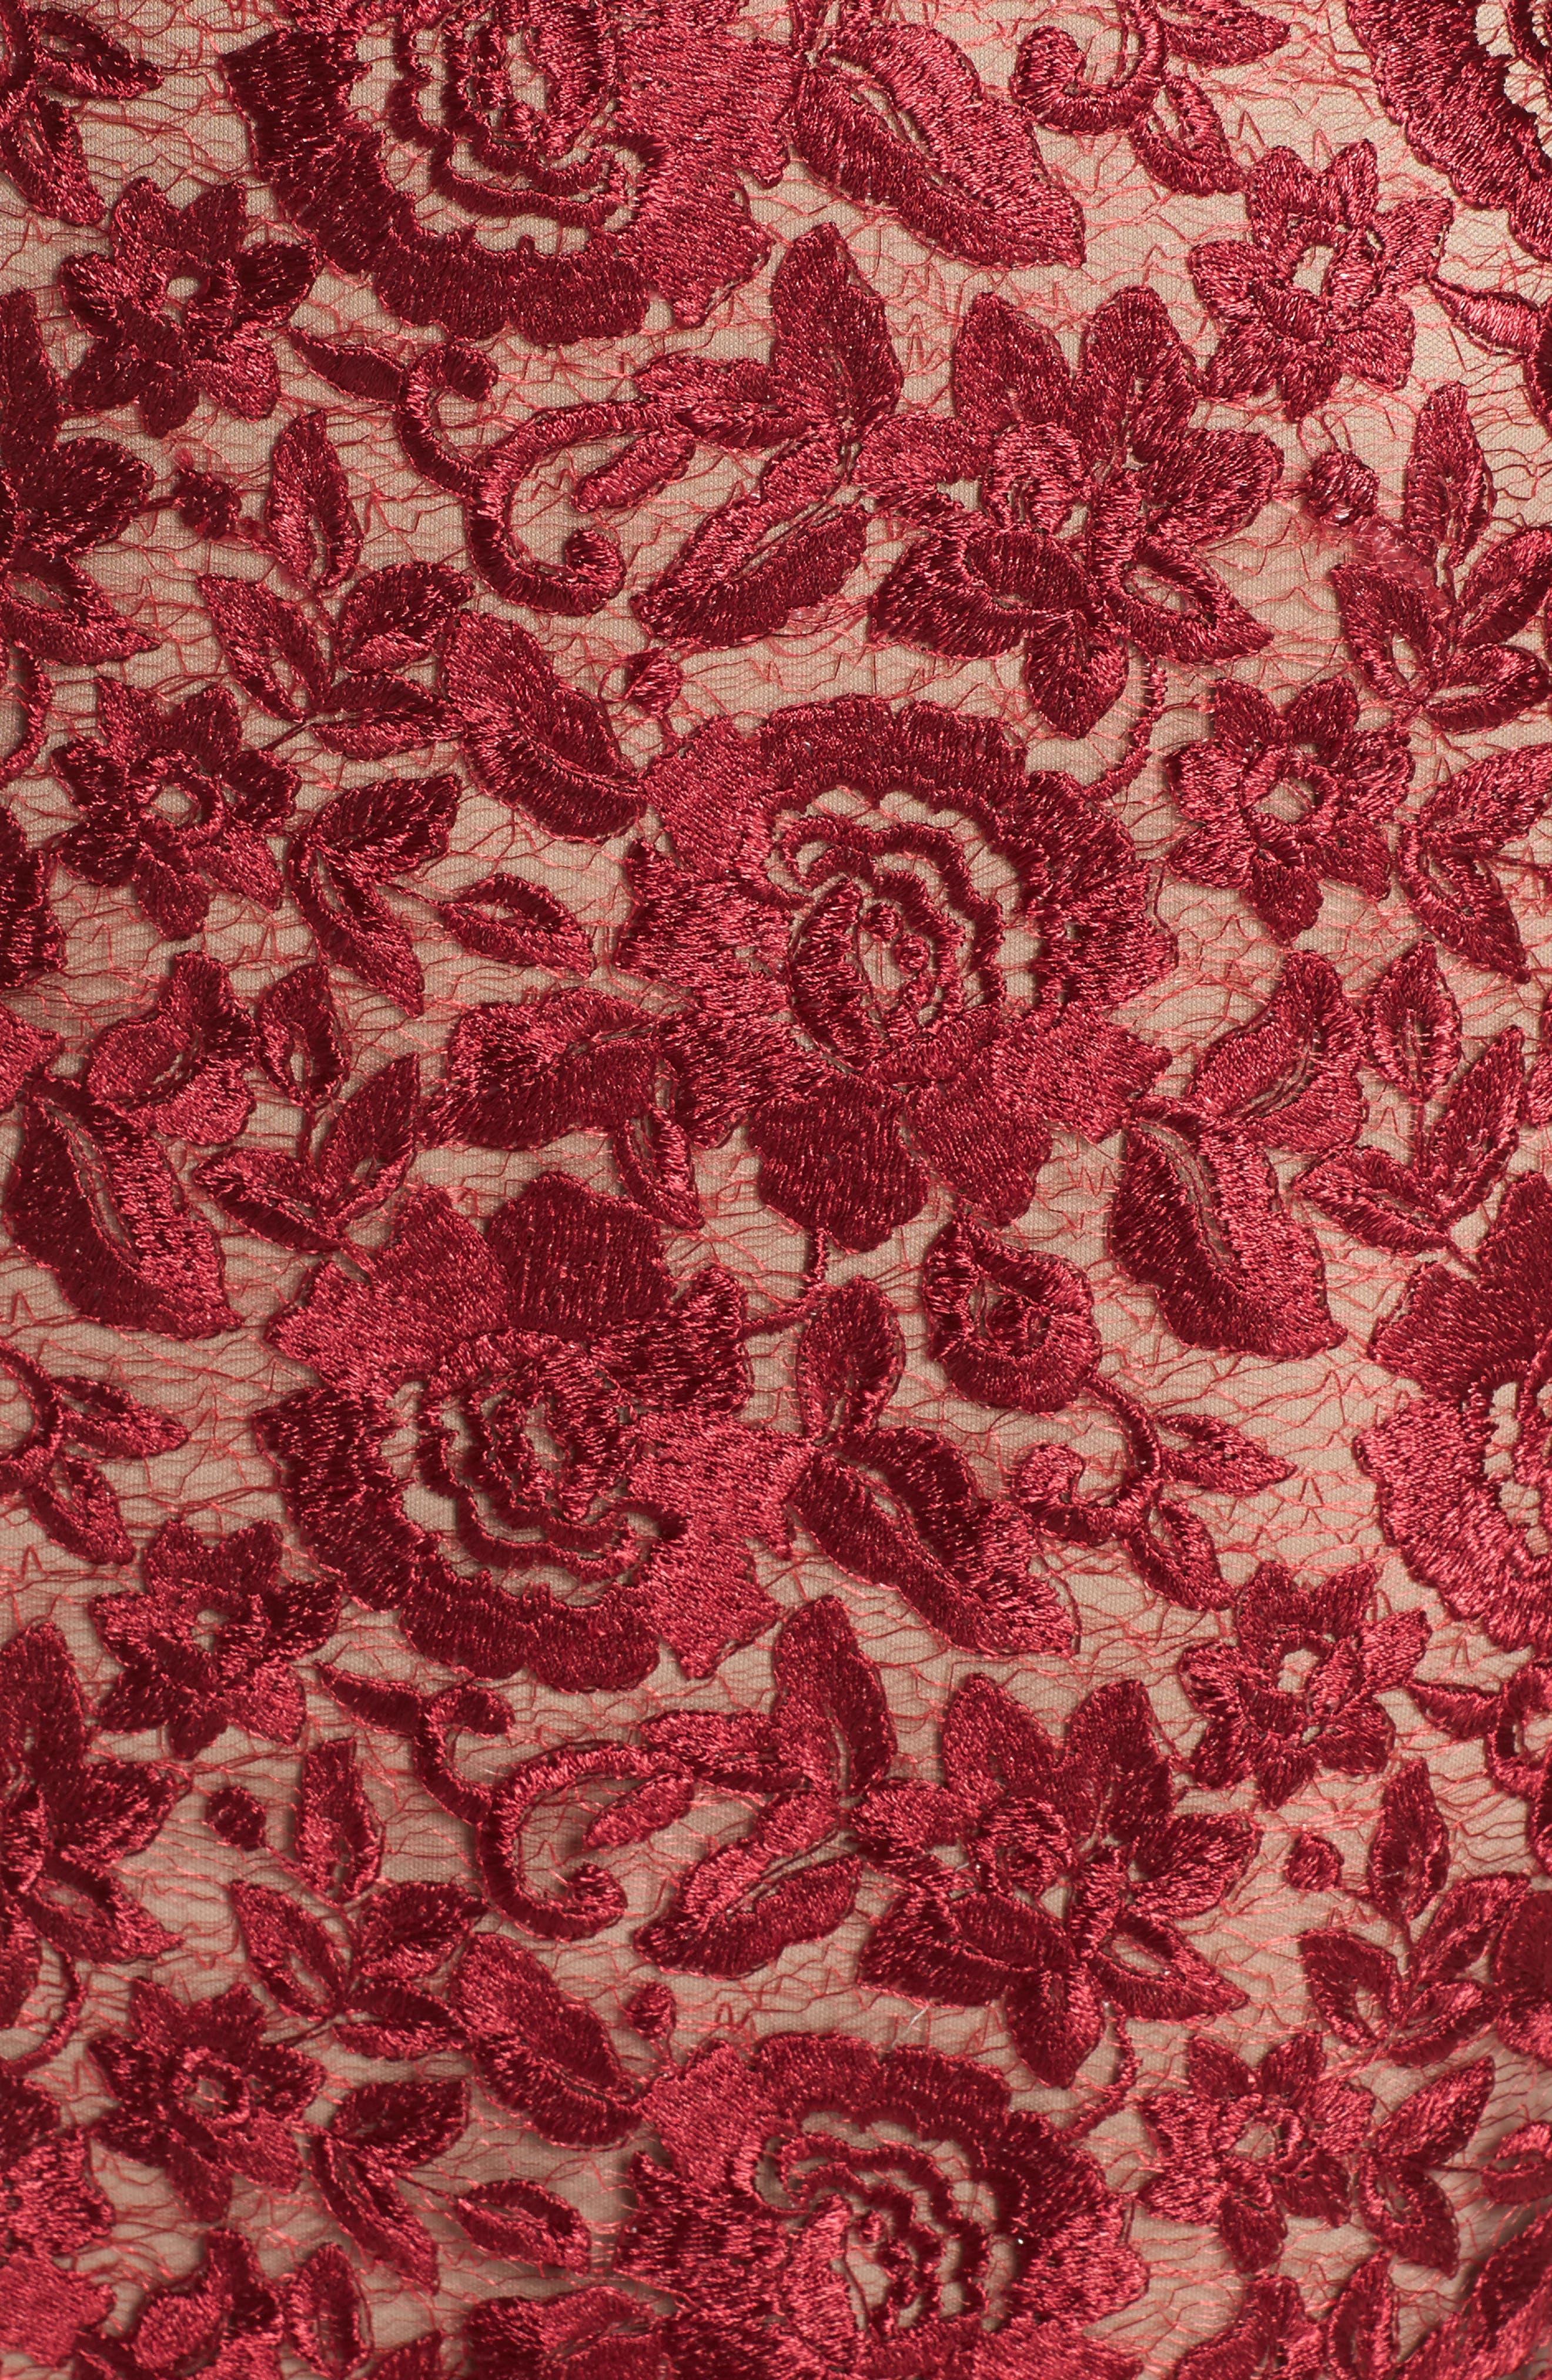 Lace Midi Dress,                             Alternate thumbnail 5, color,                             Red/ Mocha